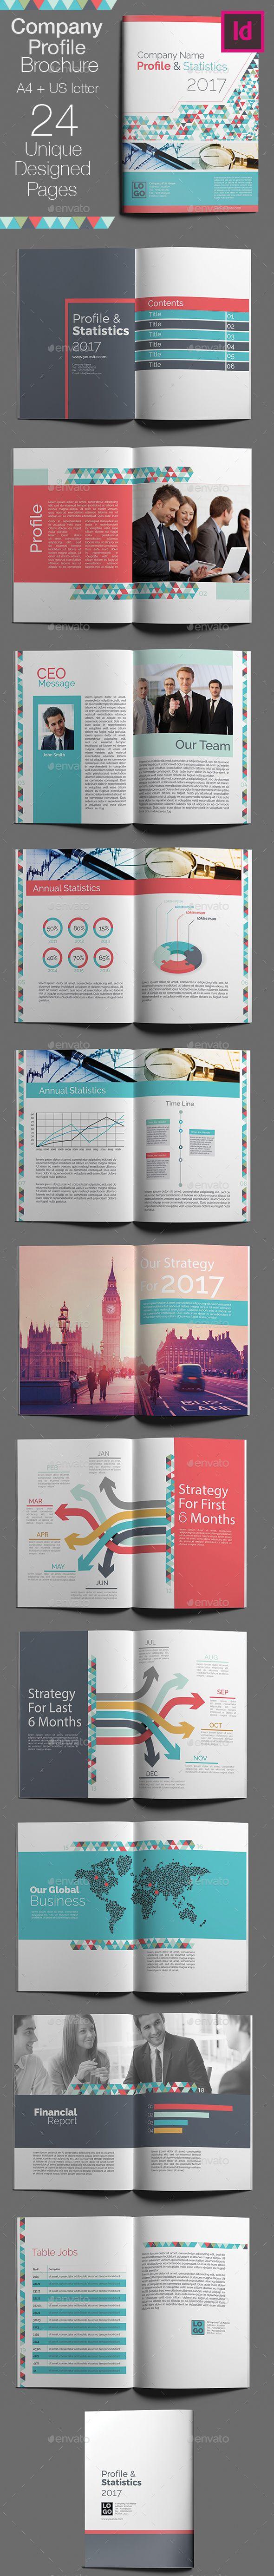 Company Brochure Template | Pinterest | Plantillas de certificado ...